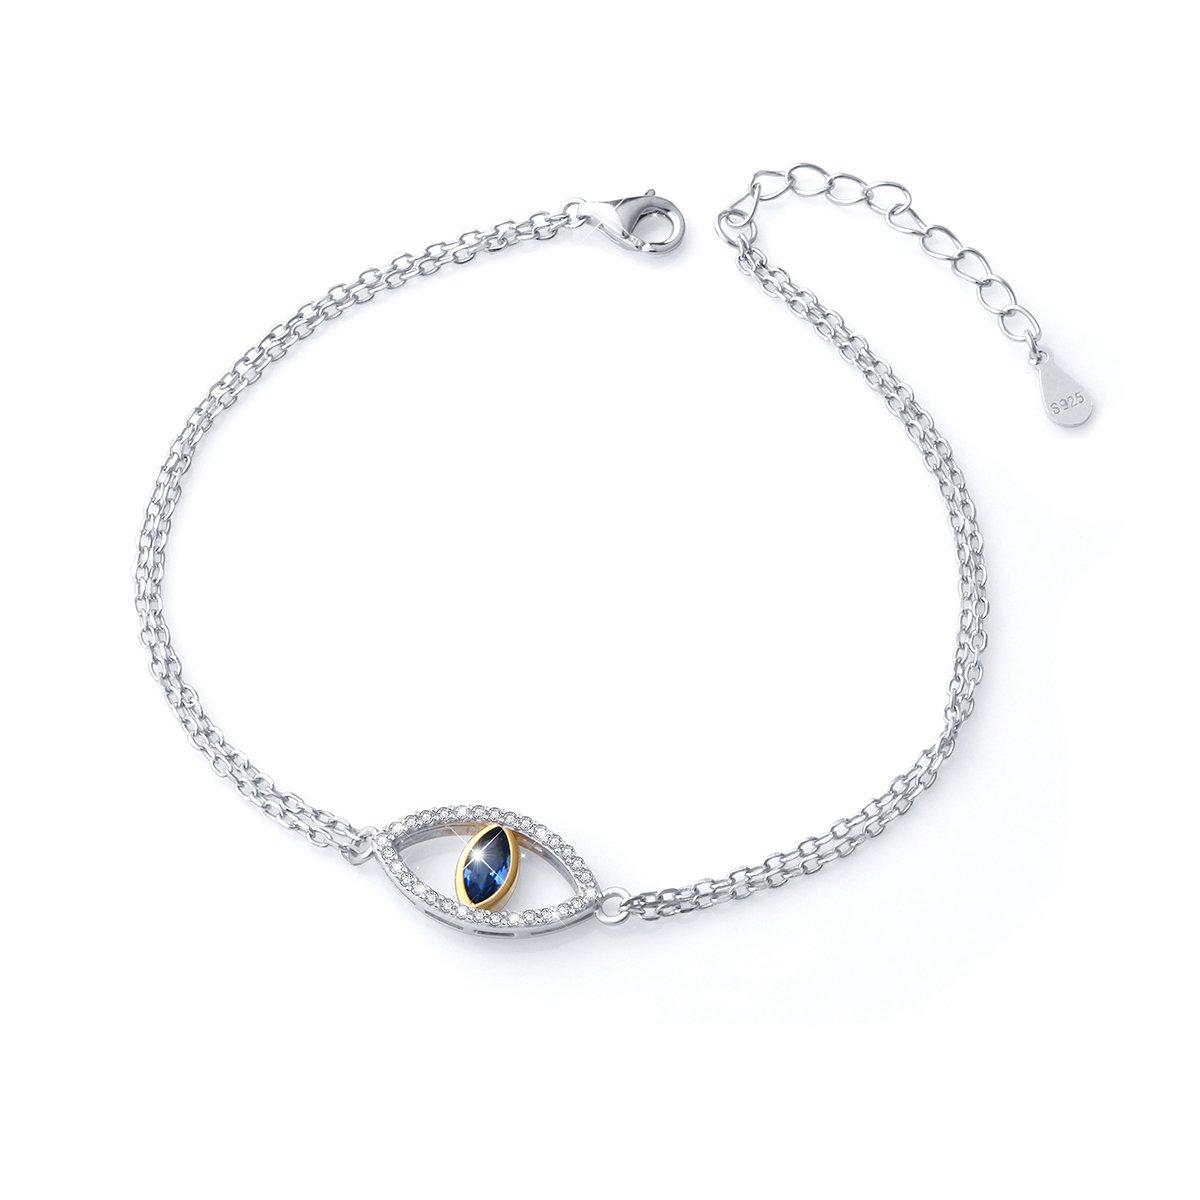 SILVER MOUNTAIN 925 Sterling Silver Double Strand Cubic Zirconia Evil Eye Bracelet Jewelry For Women (Blue)